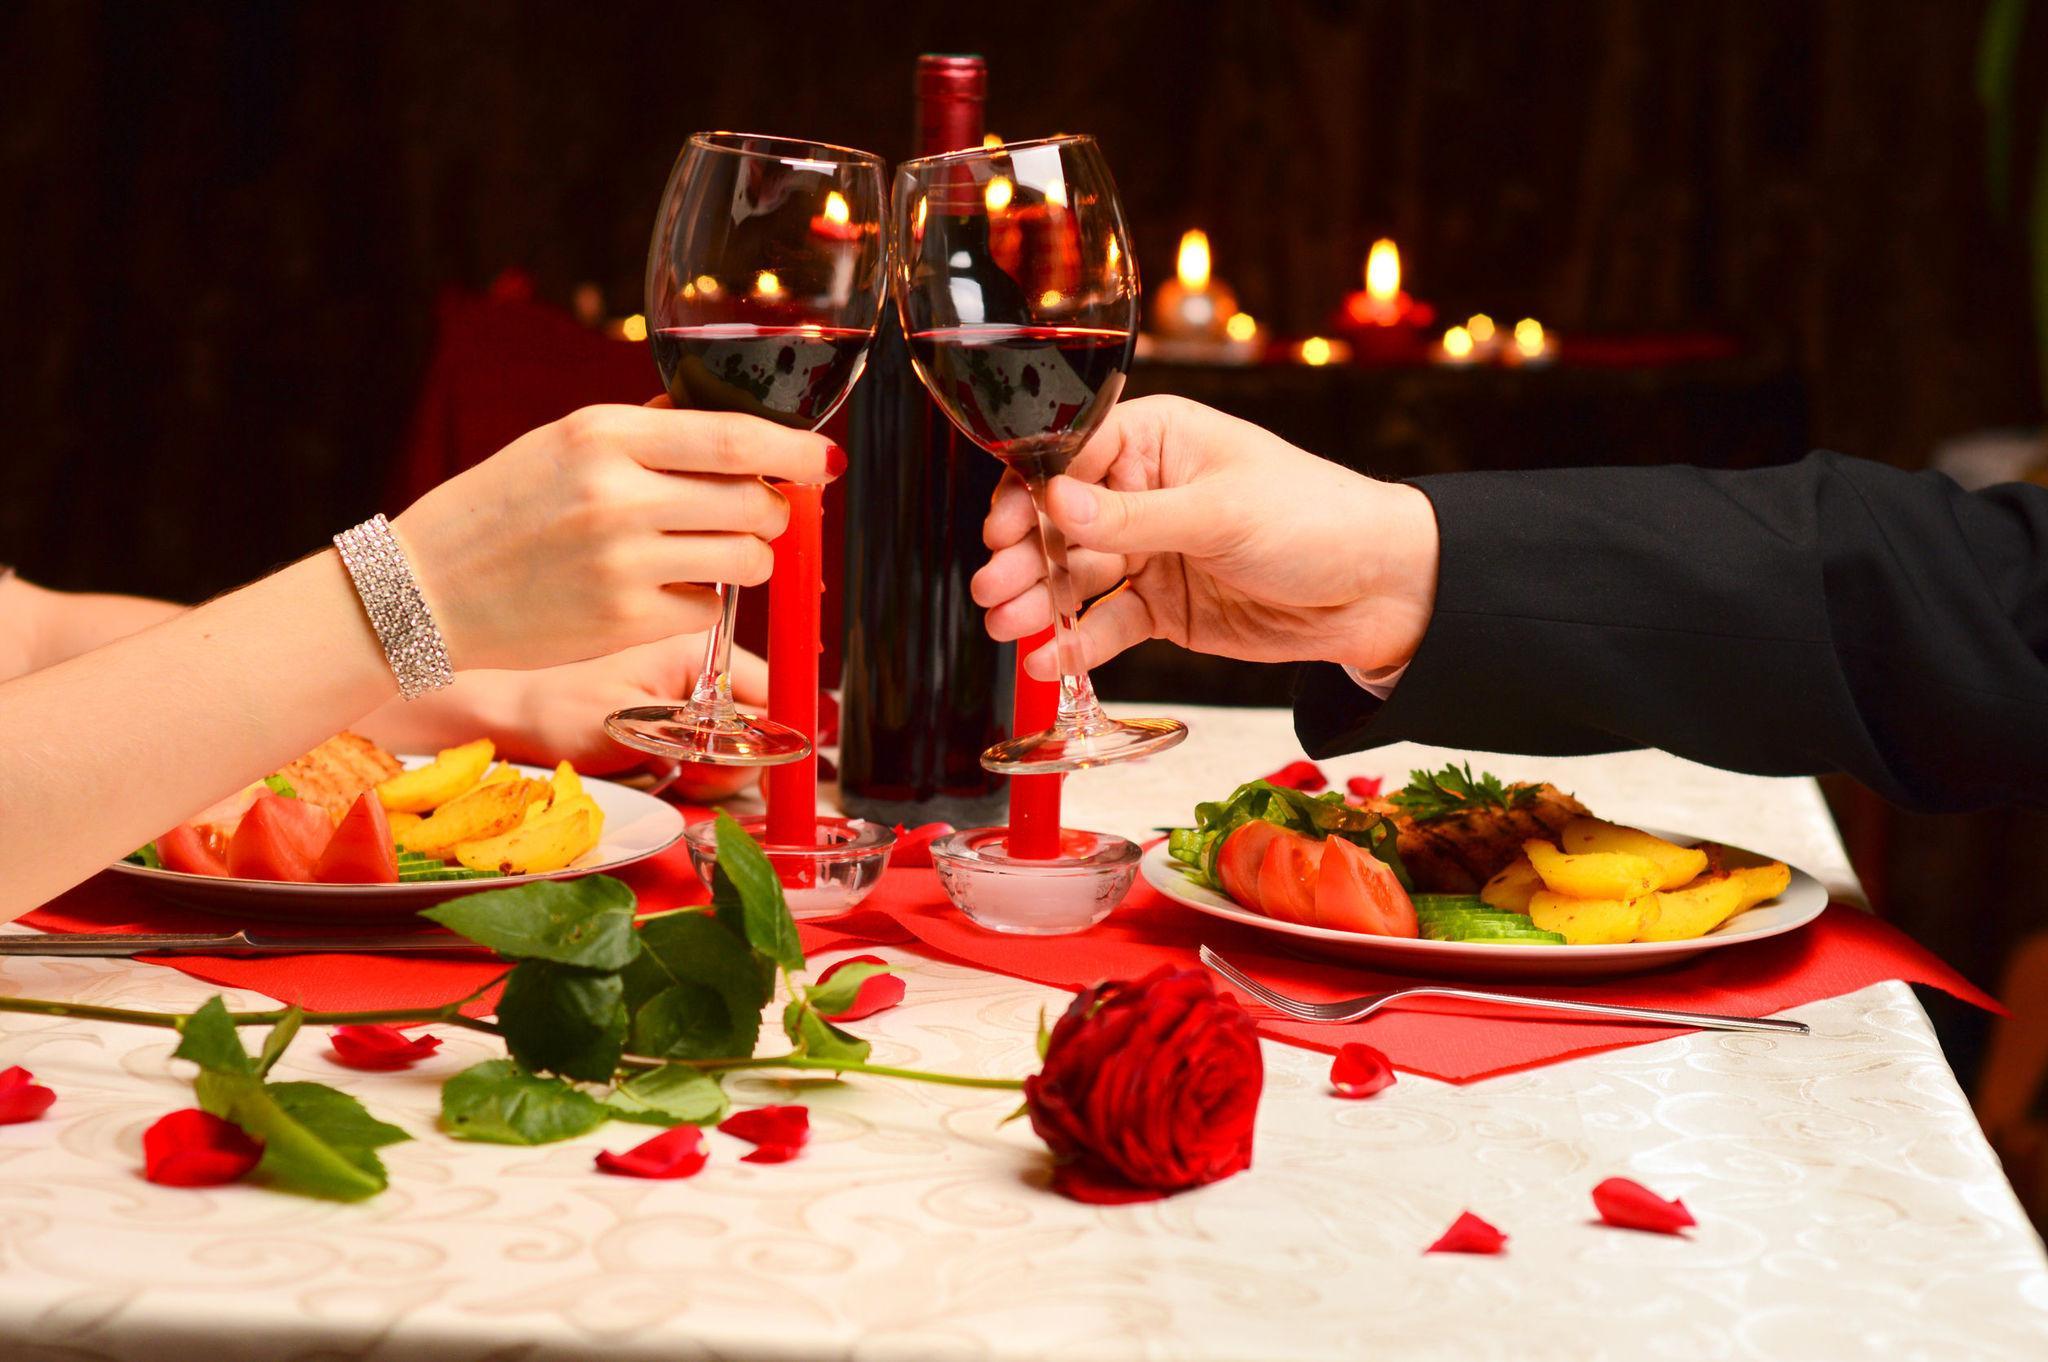 5 продуктов, которые не подходят для романтического ужина